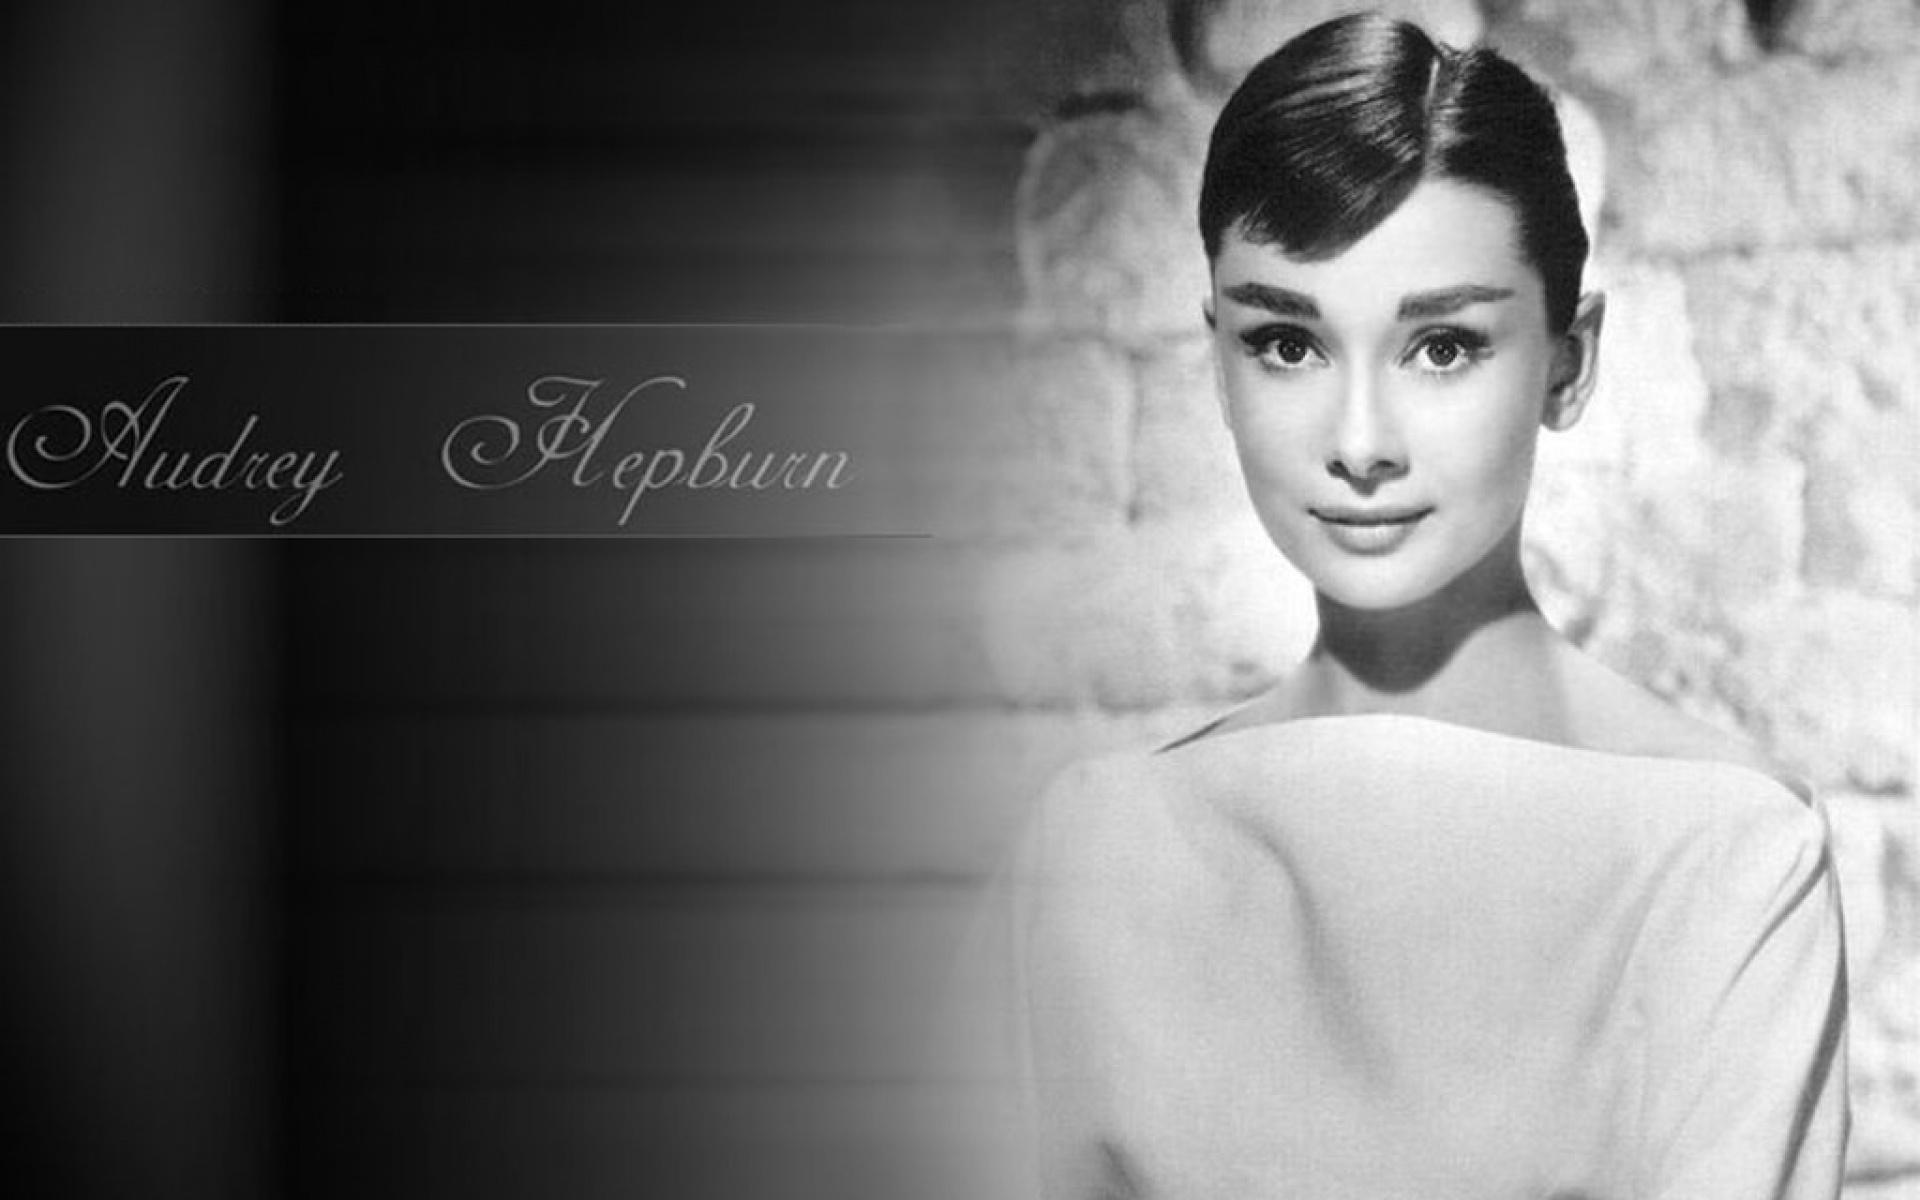 Audrey Hepburn Wallpapers 1920x1200